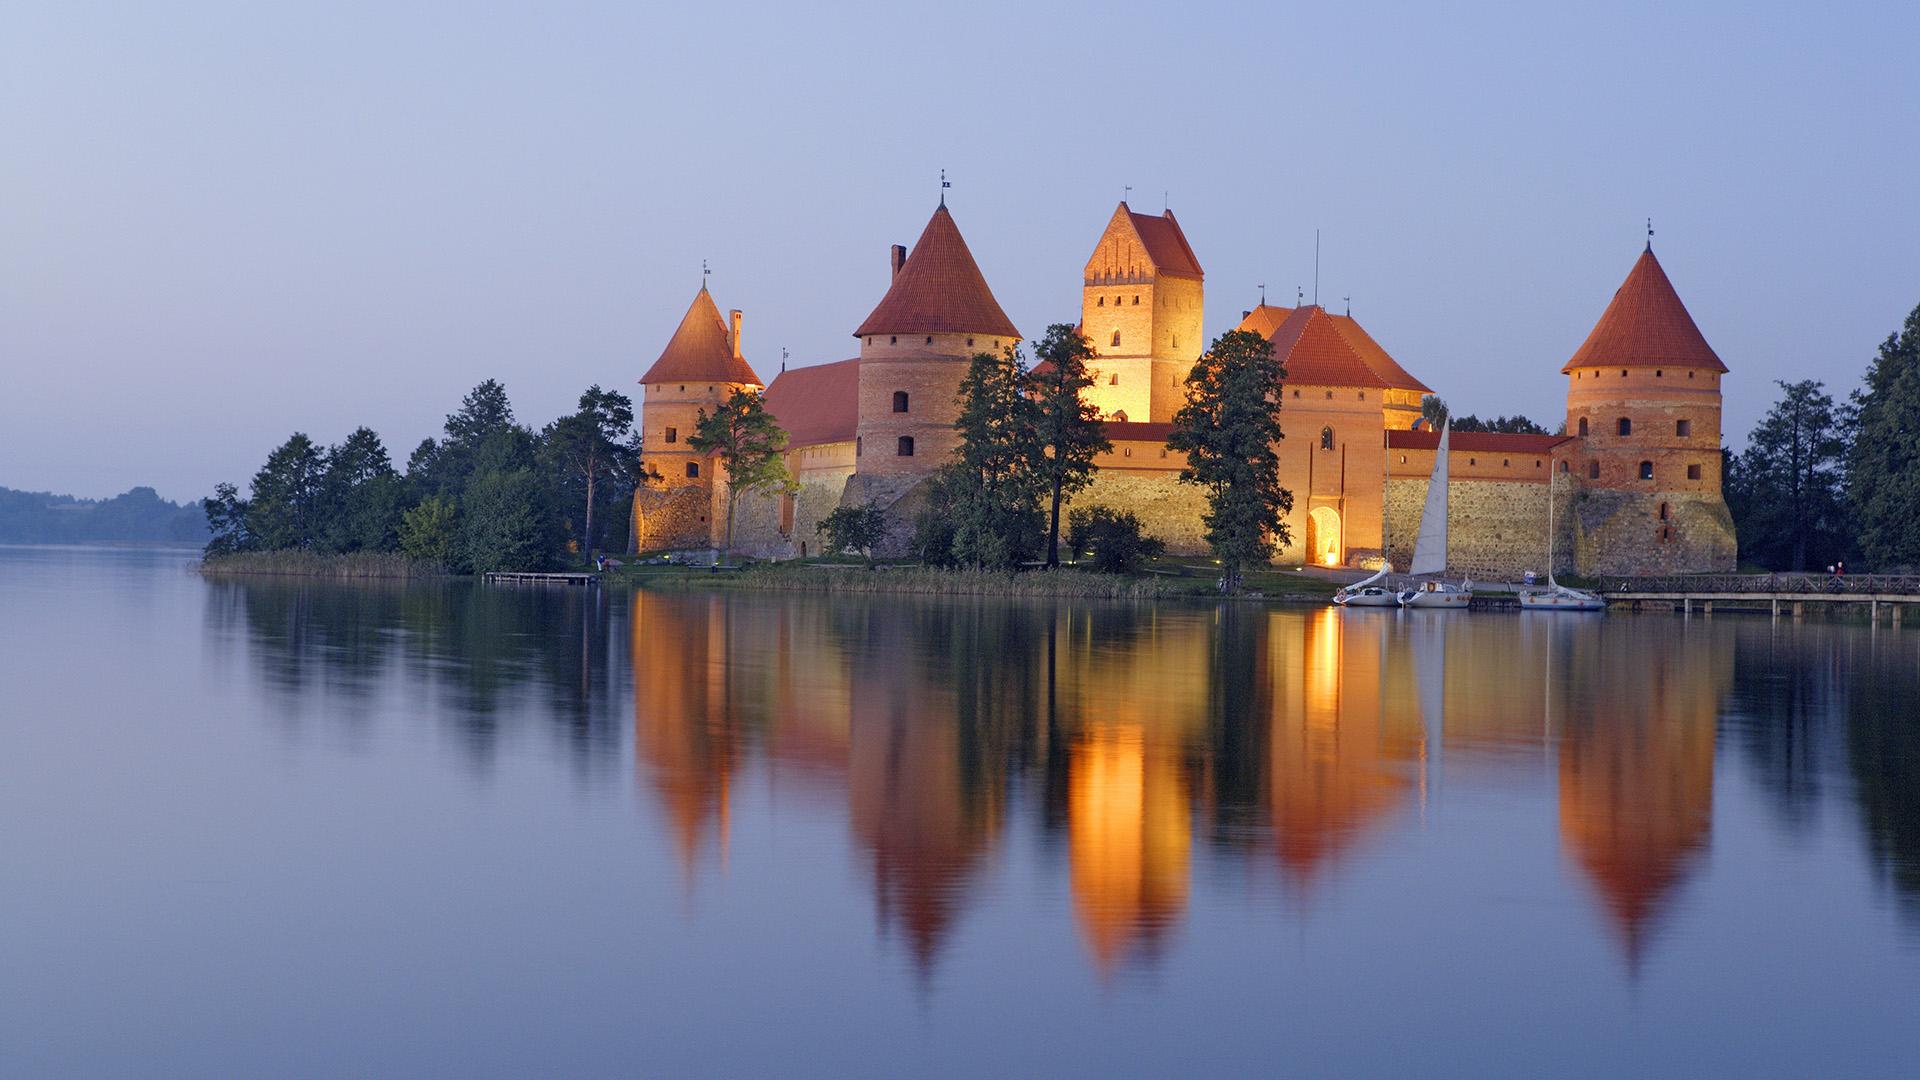 Trakai Island Castle Images Made Trakai Island Castle